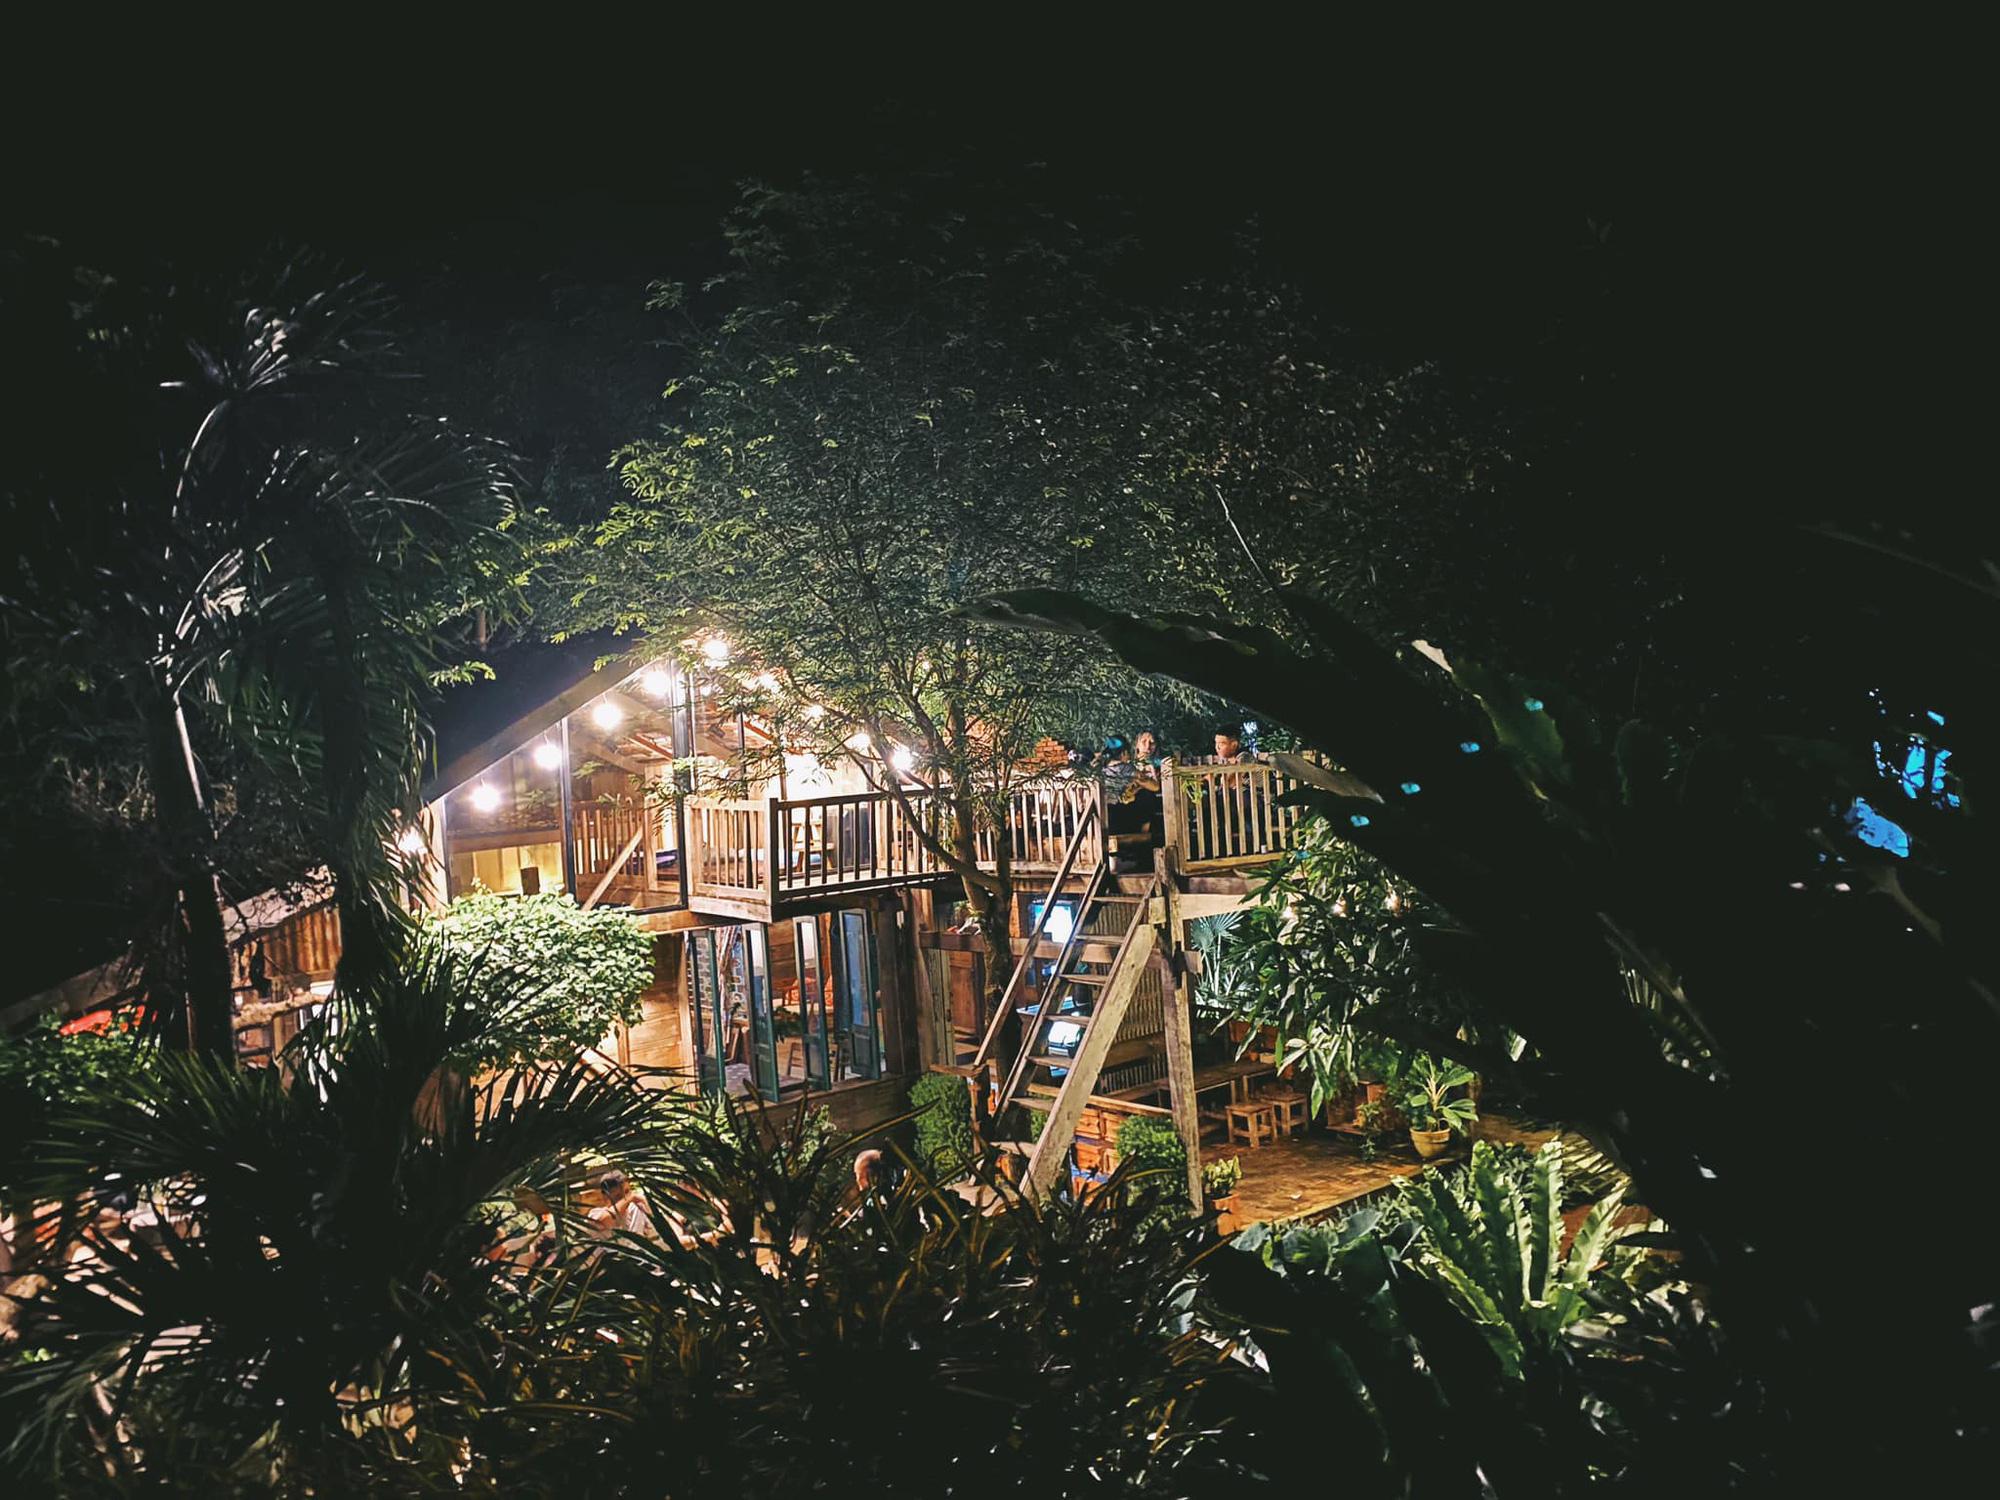 Bỏ phố về rừng, chàng trai dành 2 năm xây nhà gỗ giữa rừng mưa với chi phí 200 triệu đồng - Ảnh 7.